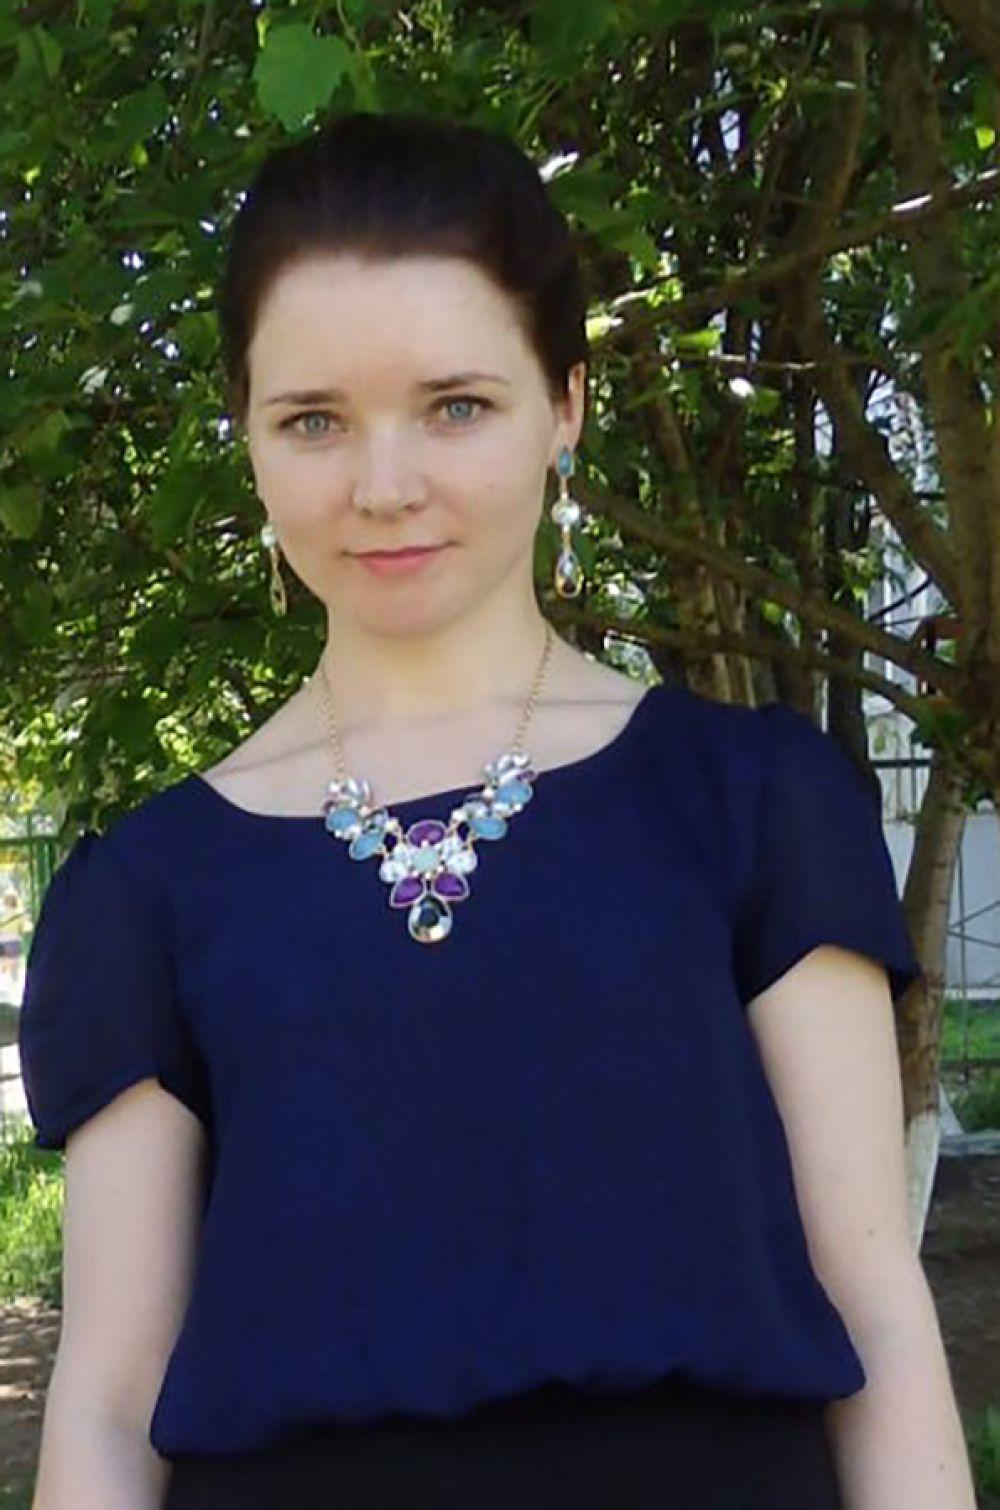 Ирина Байрашева. Работает в Центре травматологии, ортопедии и нейрохирургии.